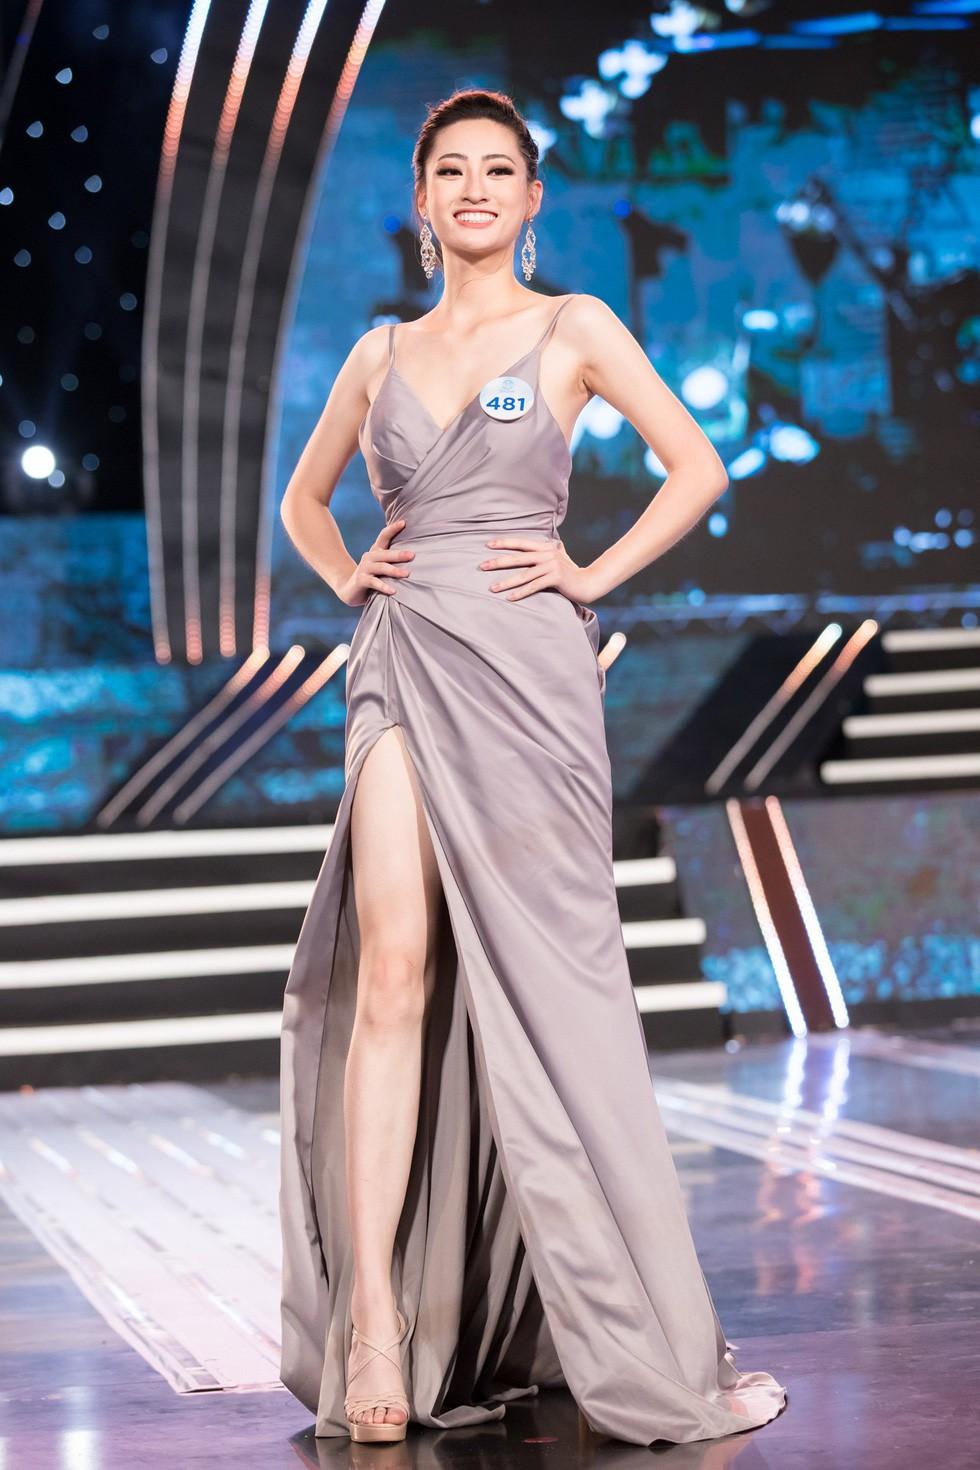 Dàn cực phẩm lọt chung kết Hoa hậu thế giới Việt Nam 2019: Toàn là Hoa khôi, Á khôi các cuộc thi sắc đẹp sinh viên! - Ảnh 7.